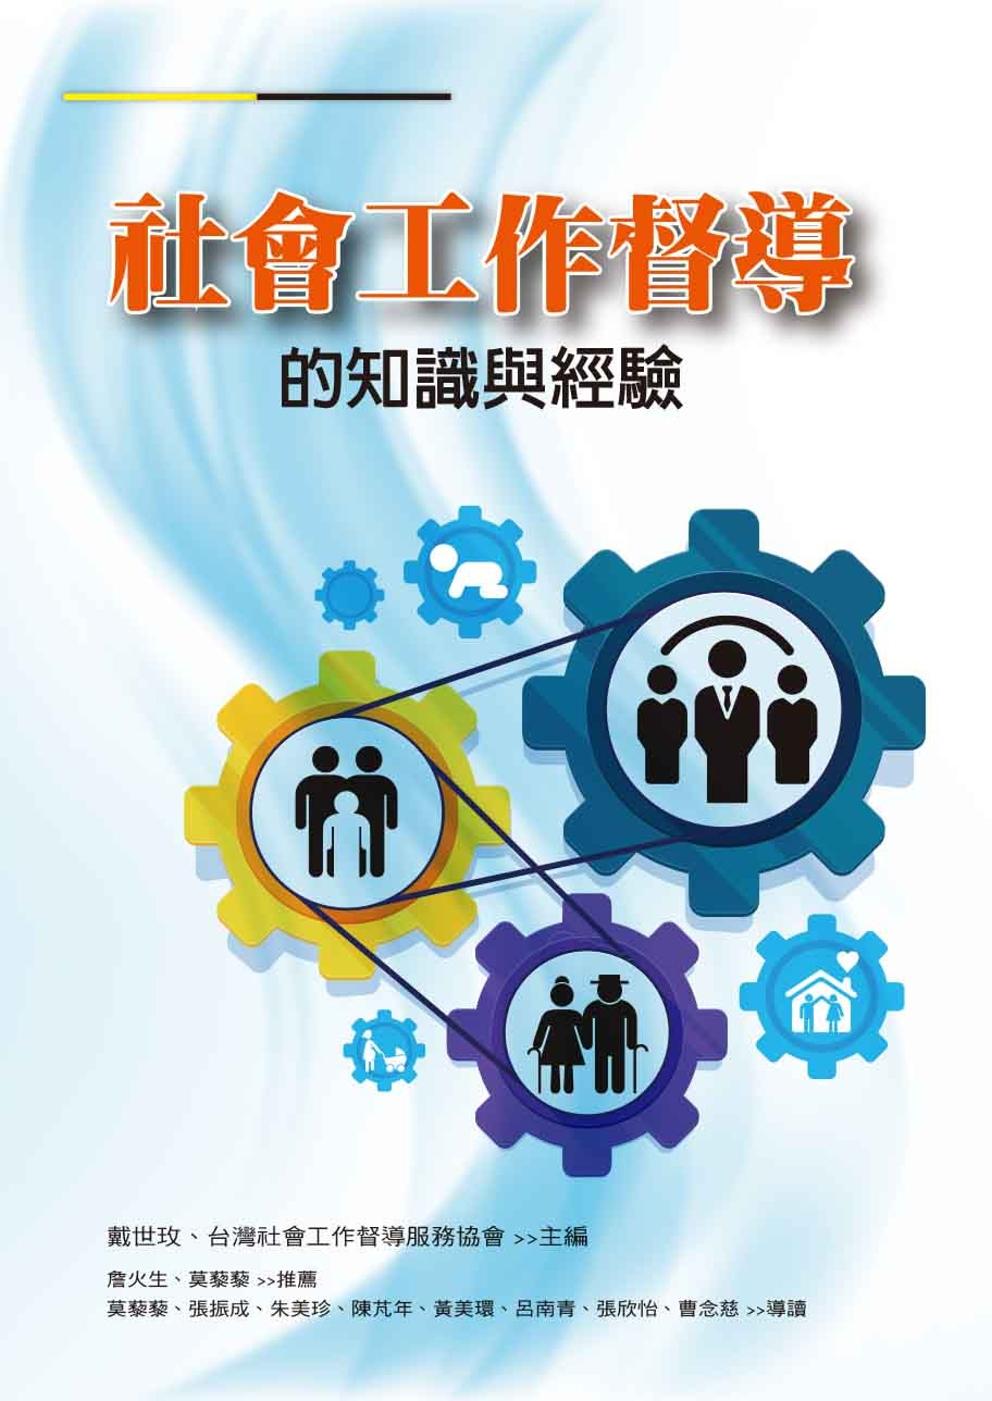 社會工作督導的知識與經驗